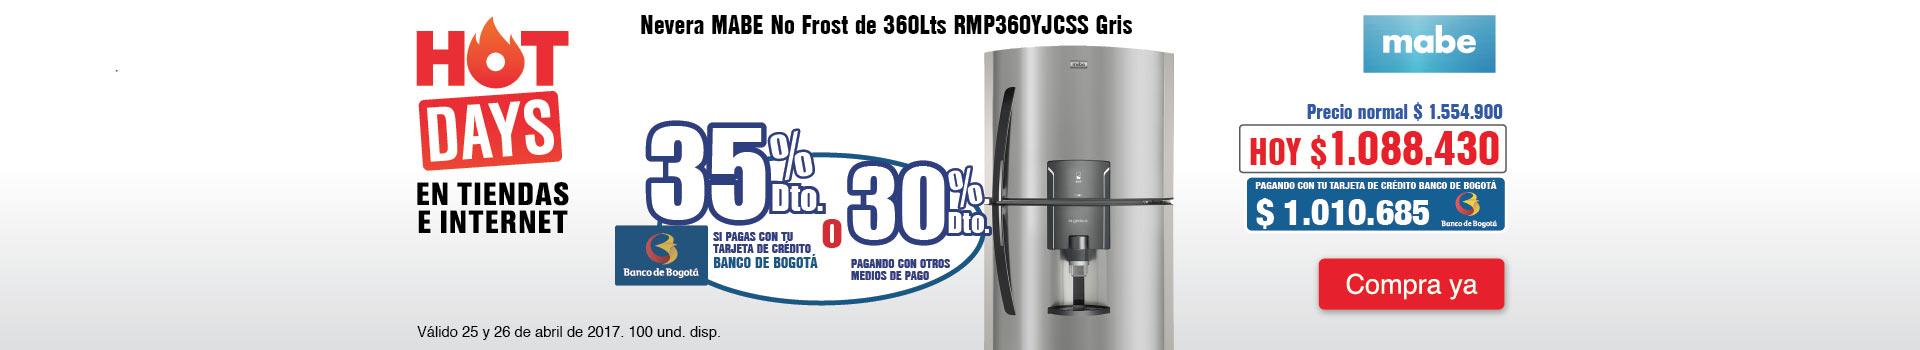 CAT ELECT - abril 25 - HOT SALE - Nevera MABE No Frost de 360Lts RMP360YJCSS Gris